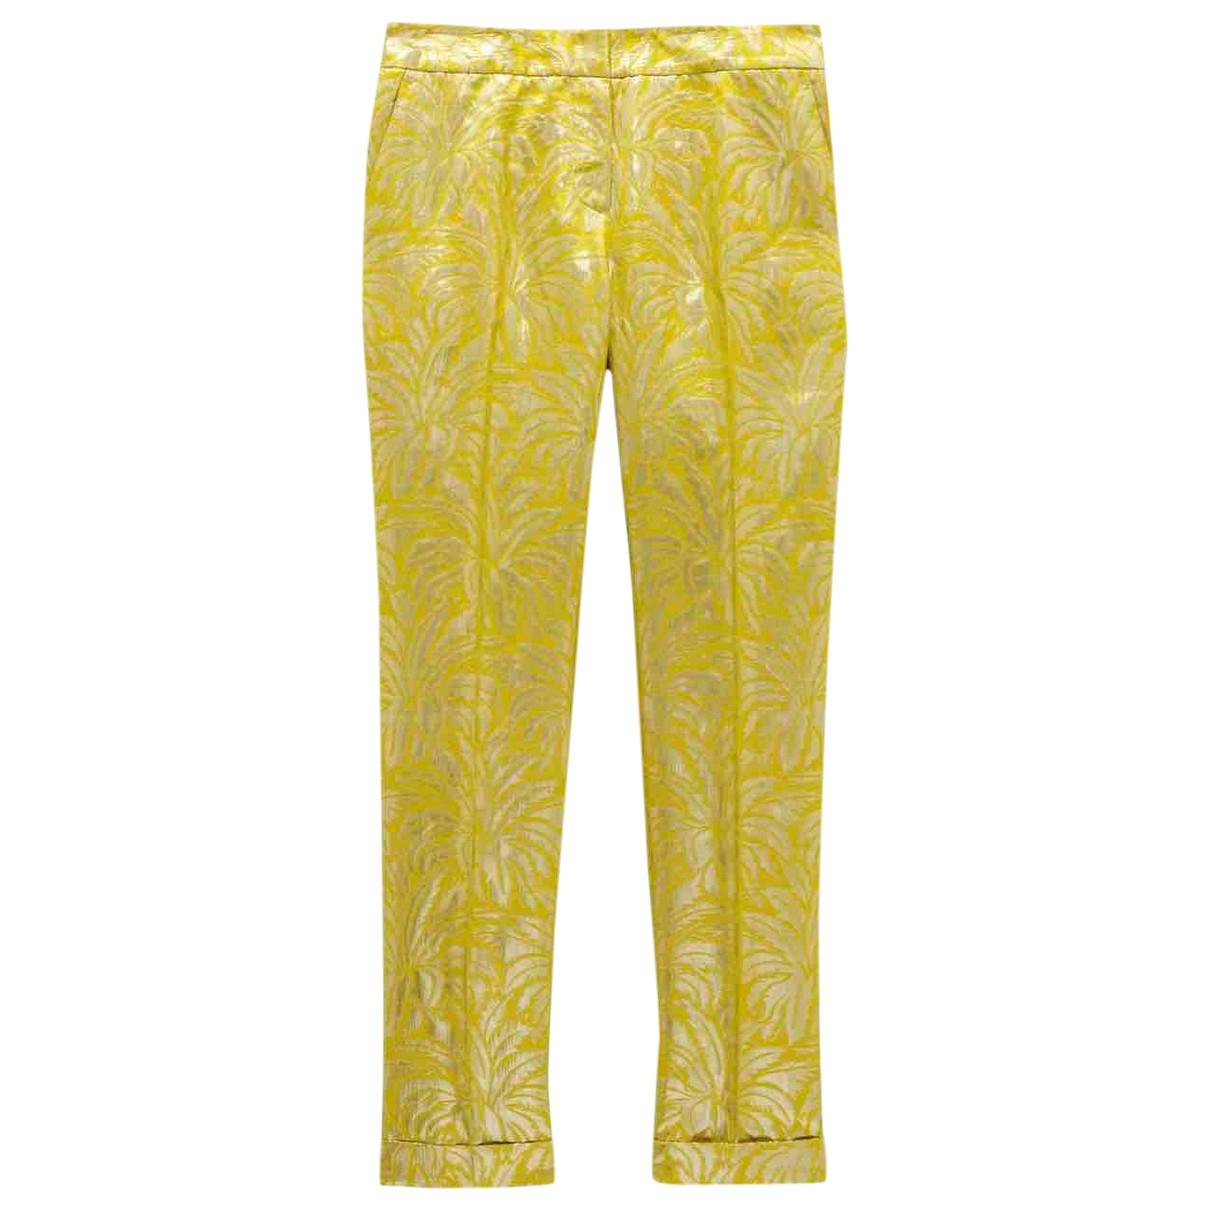 Pantalon recto de Seda Tory Burch